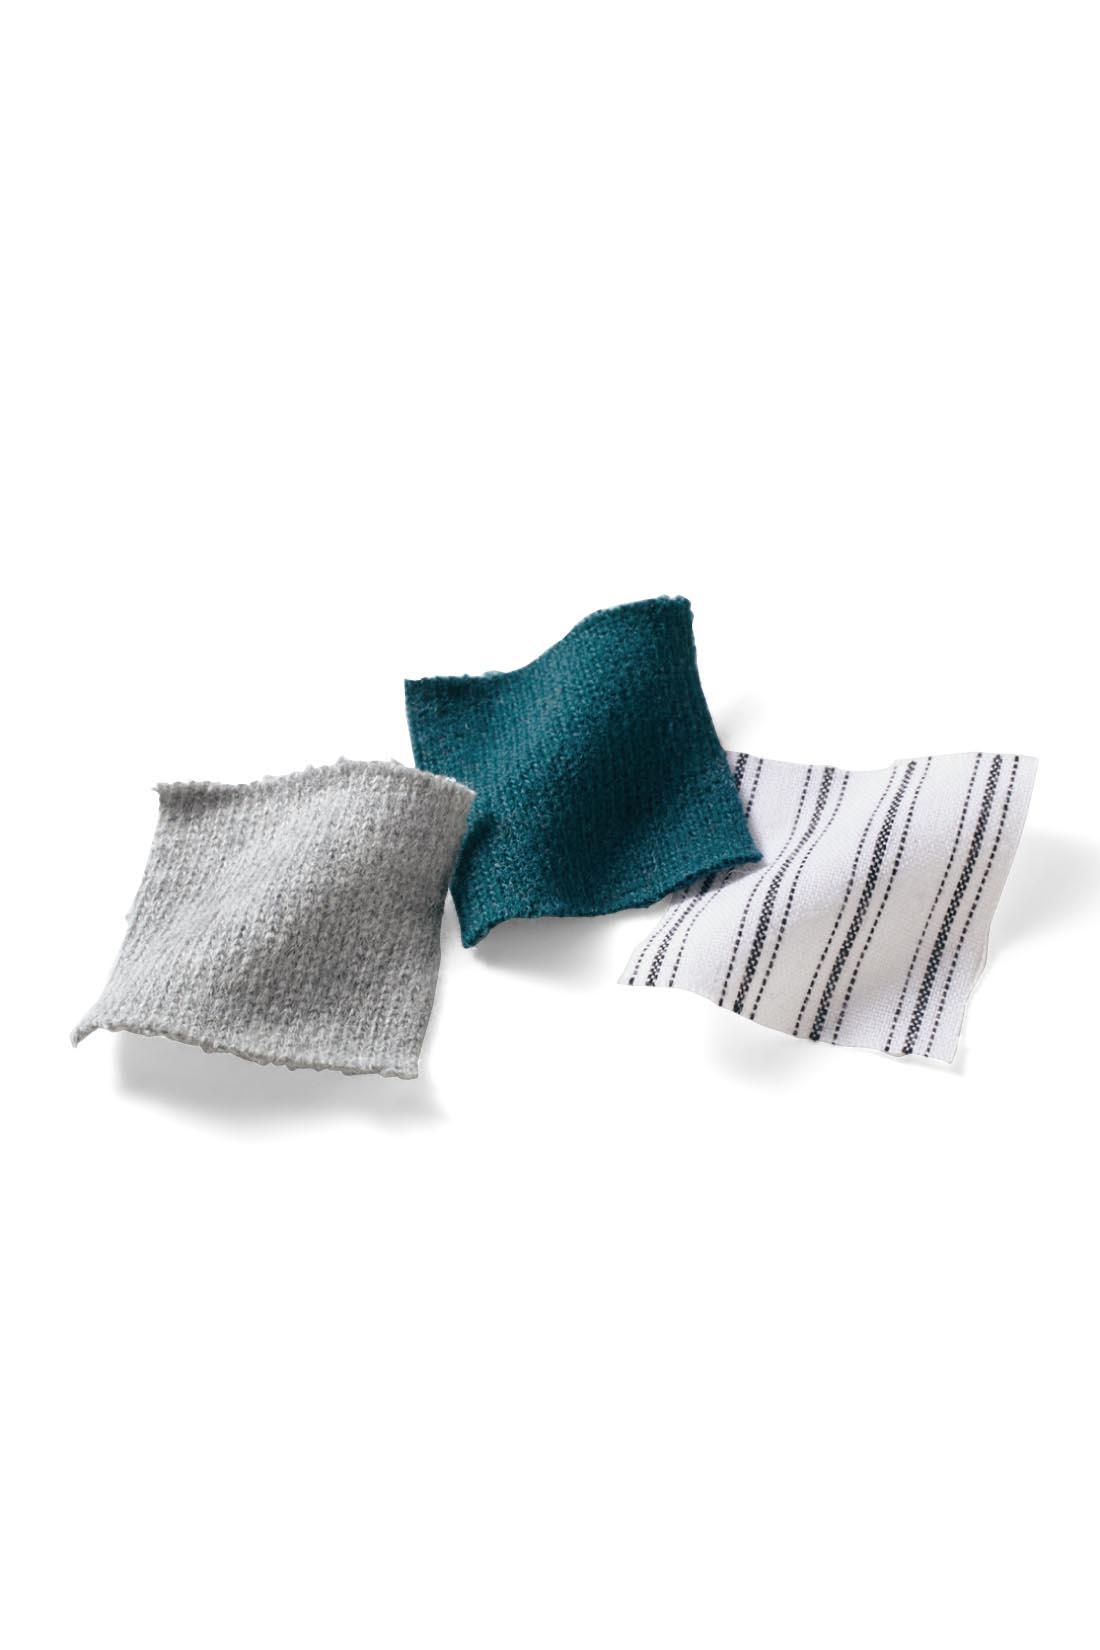 カットソーは度詰めして張り感を出したオーガニックコットン100%。肌心地がいいうえに長く使えます。ストライプの袖口は布はく素材できちんと感アップ。